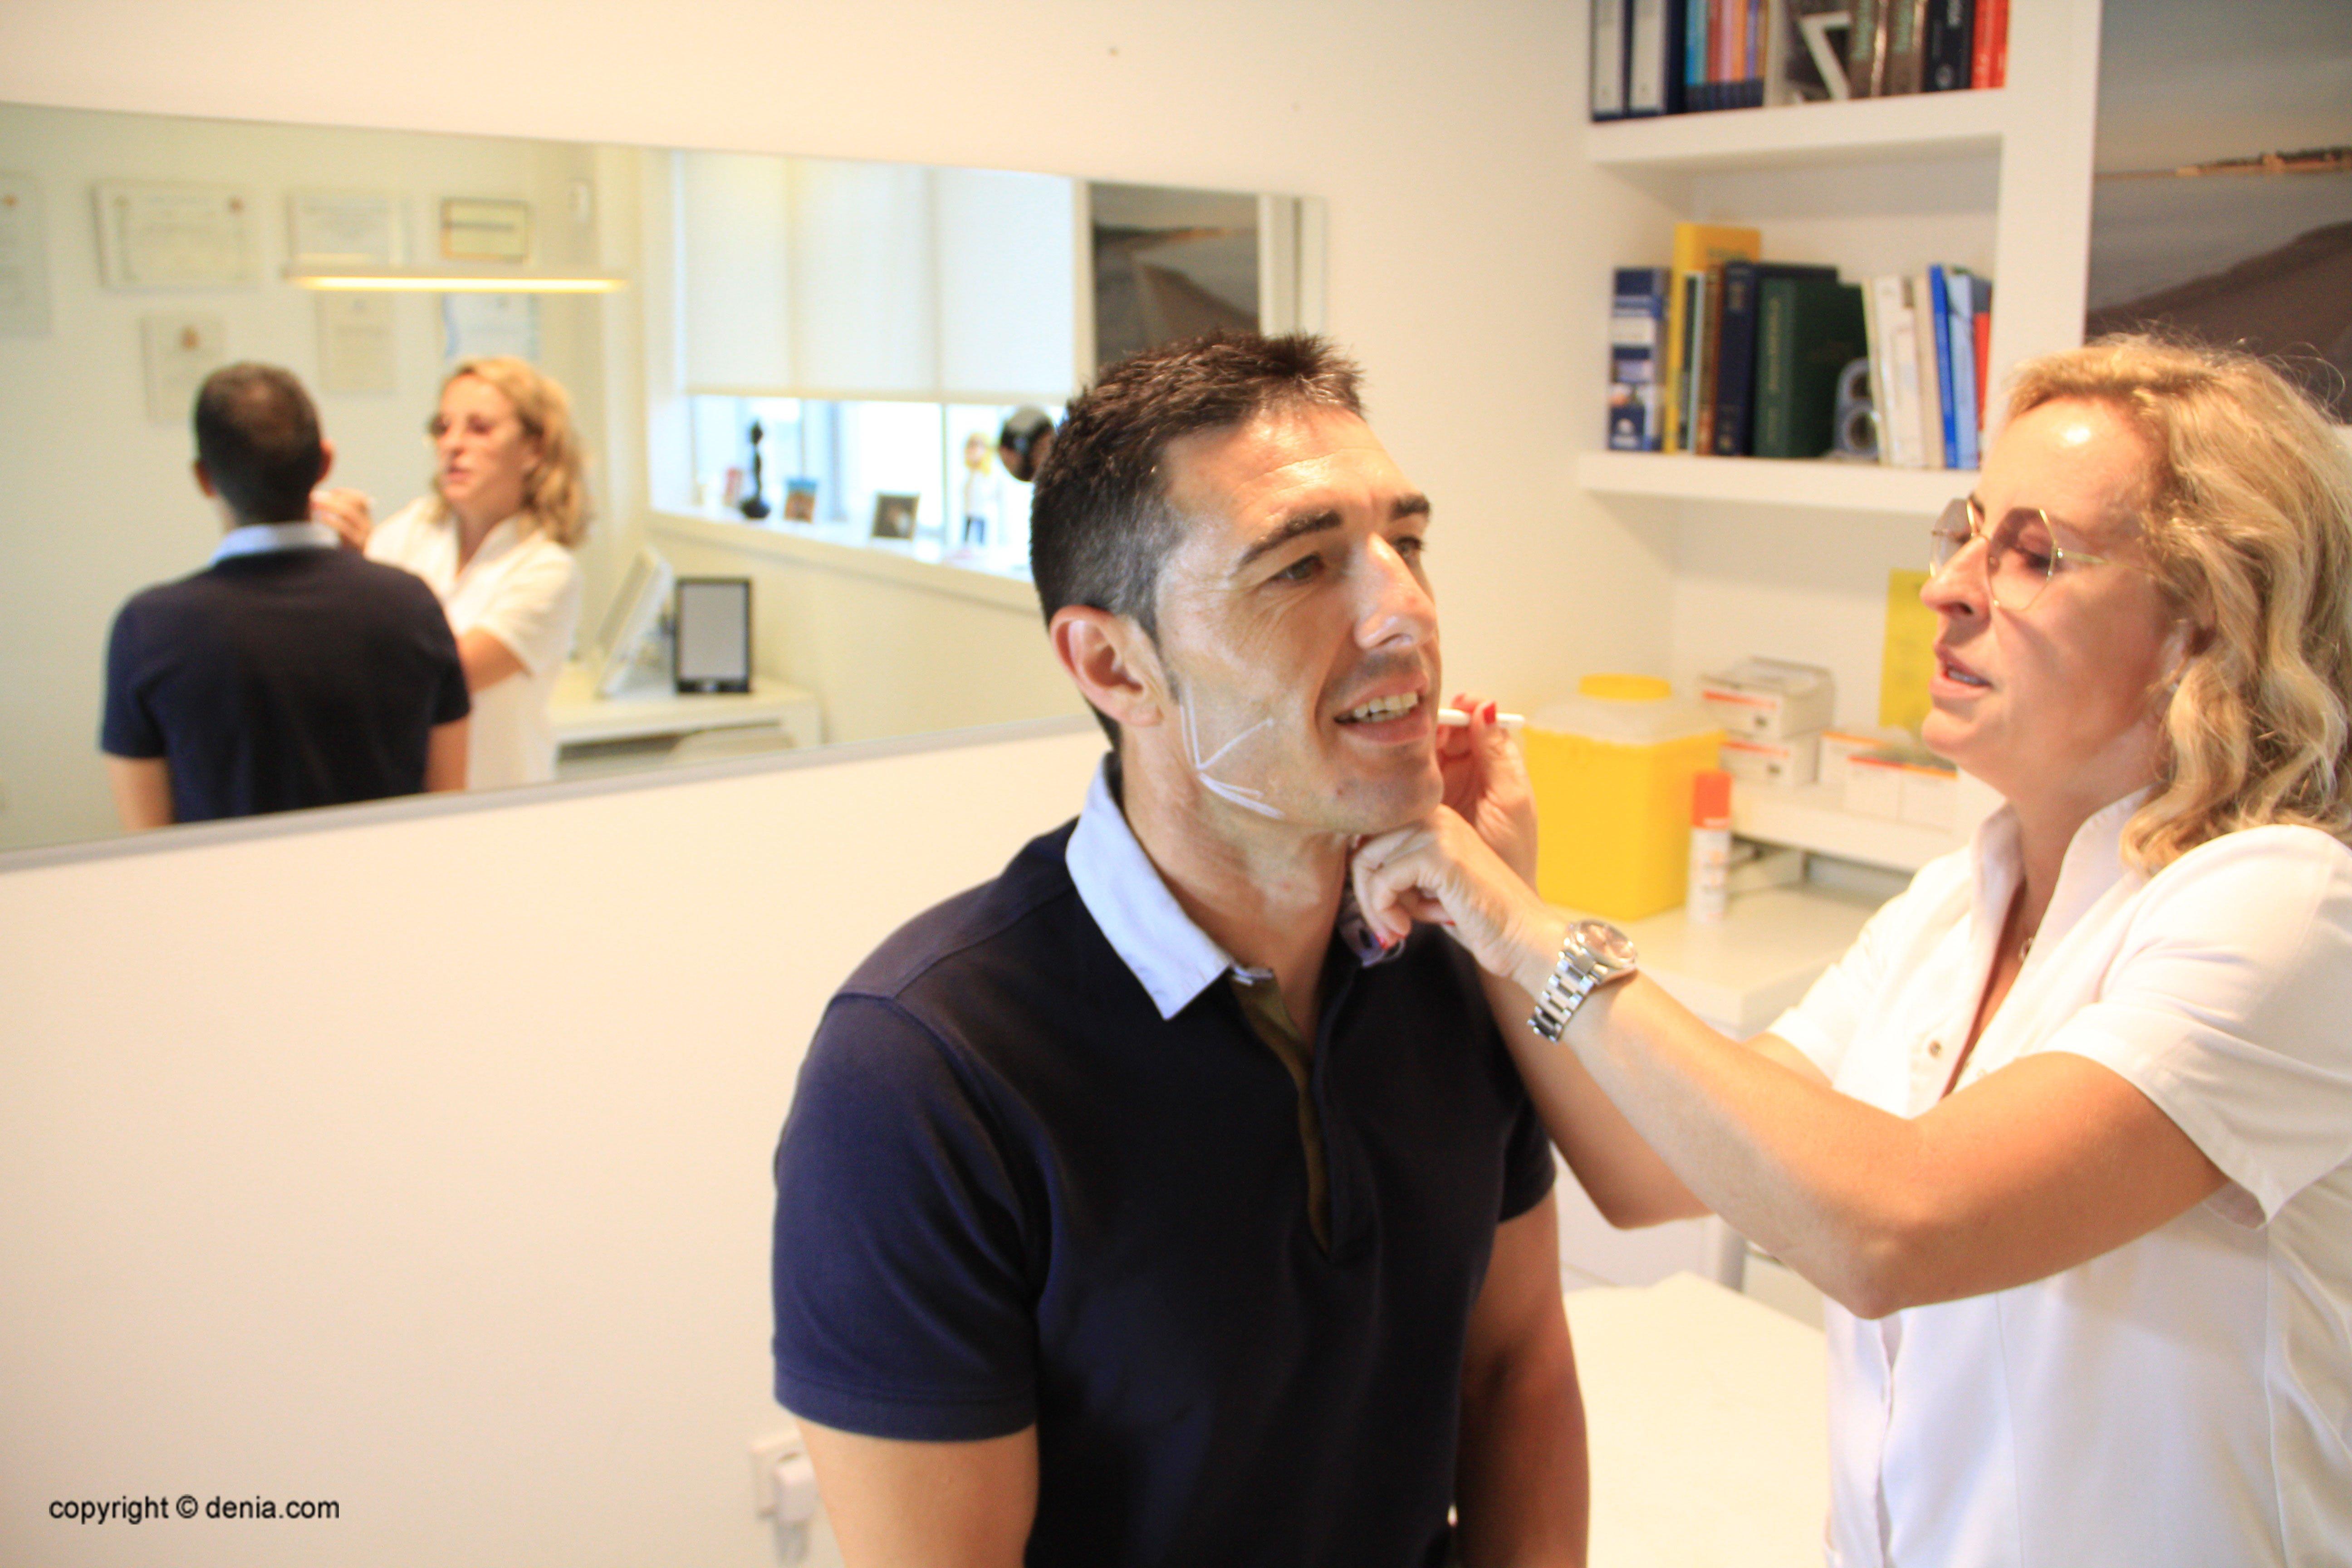 Enhance челюсти мужчины - Эстетическая клиника Castelblanque